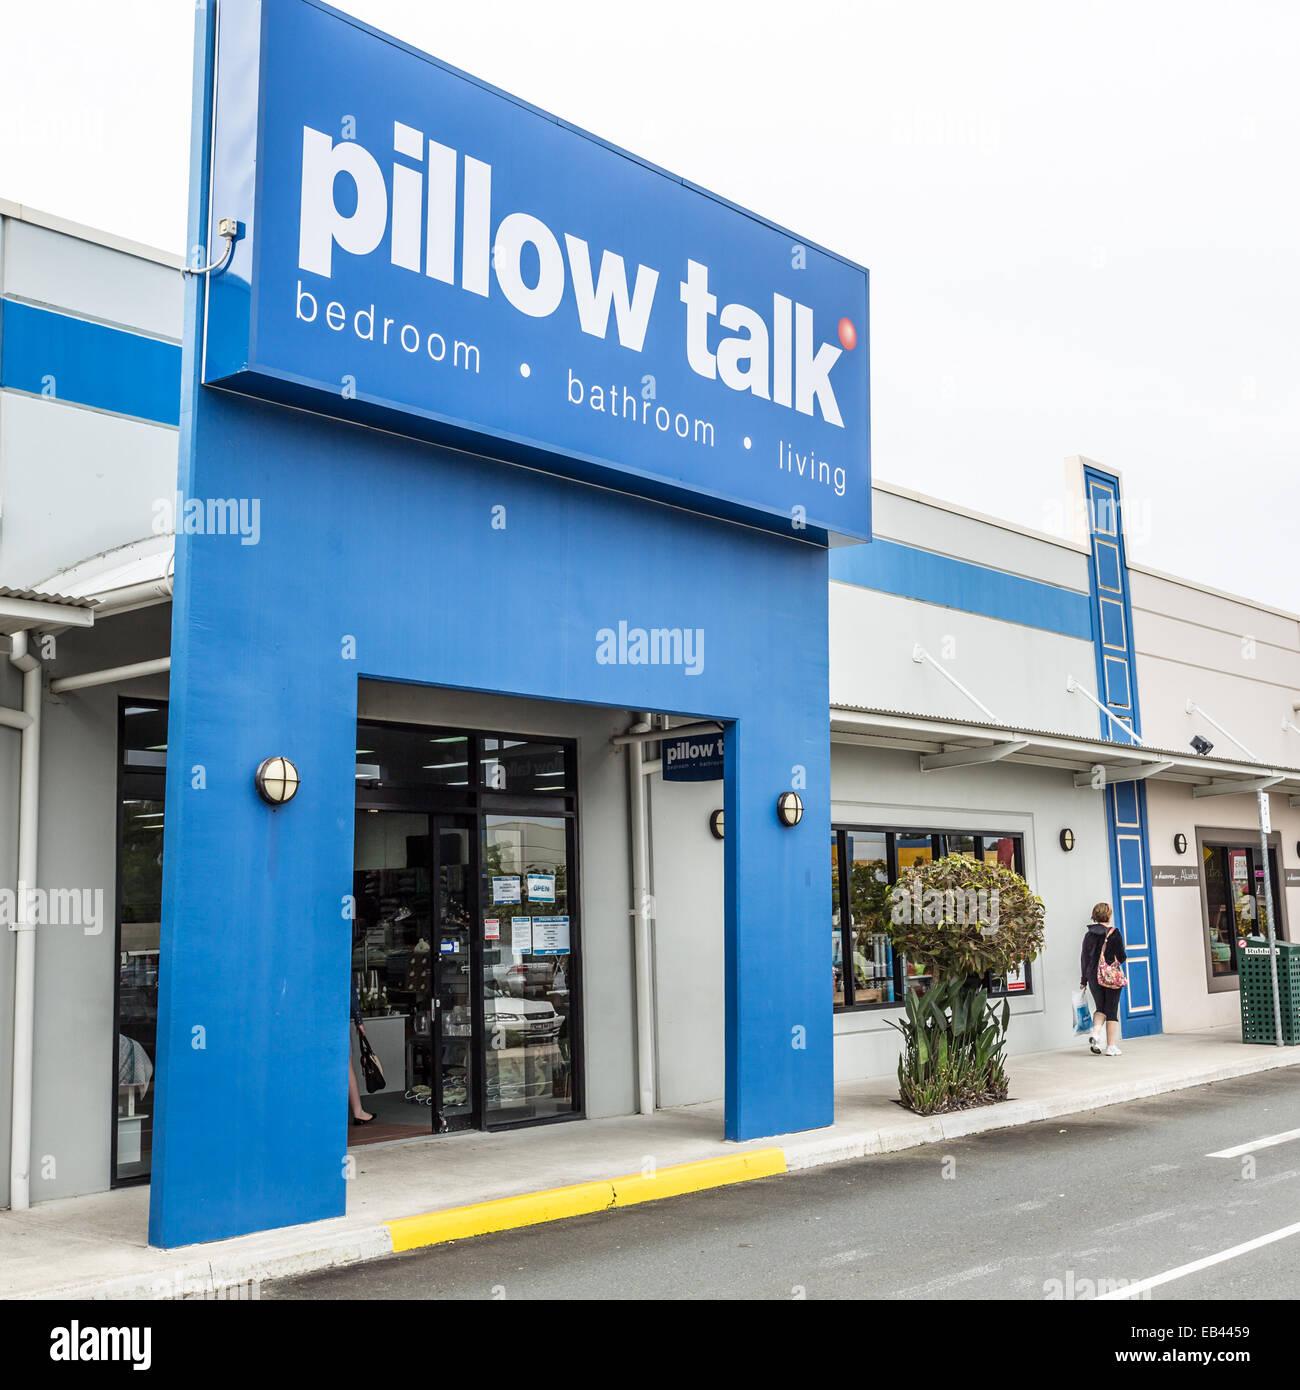 Pillow talk retail shop at Maroochydore f222afeac9ea